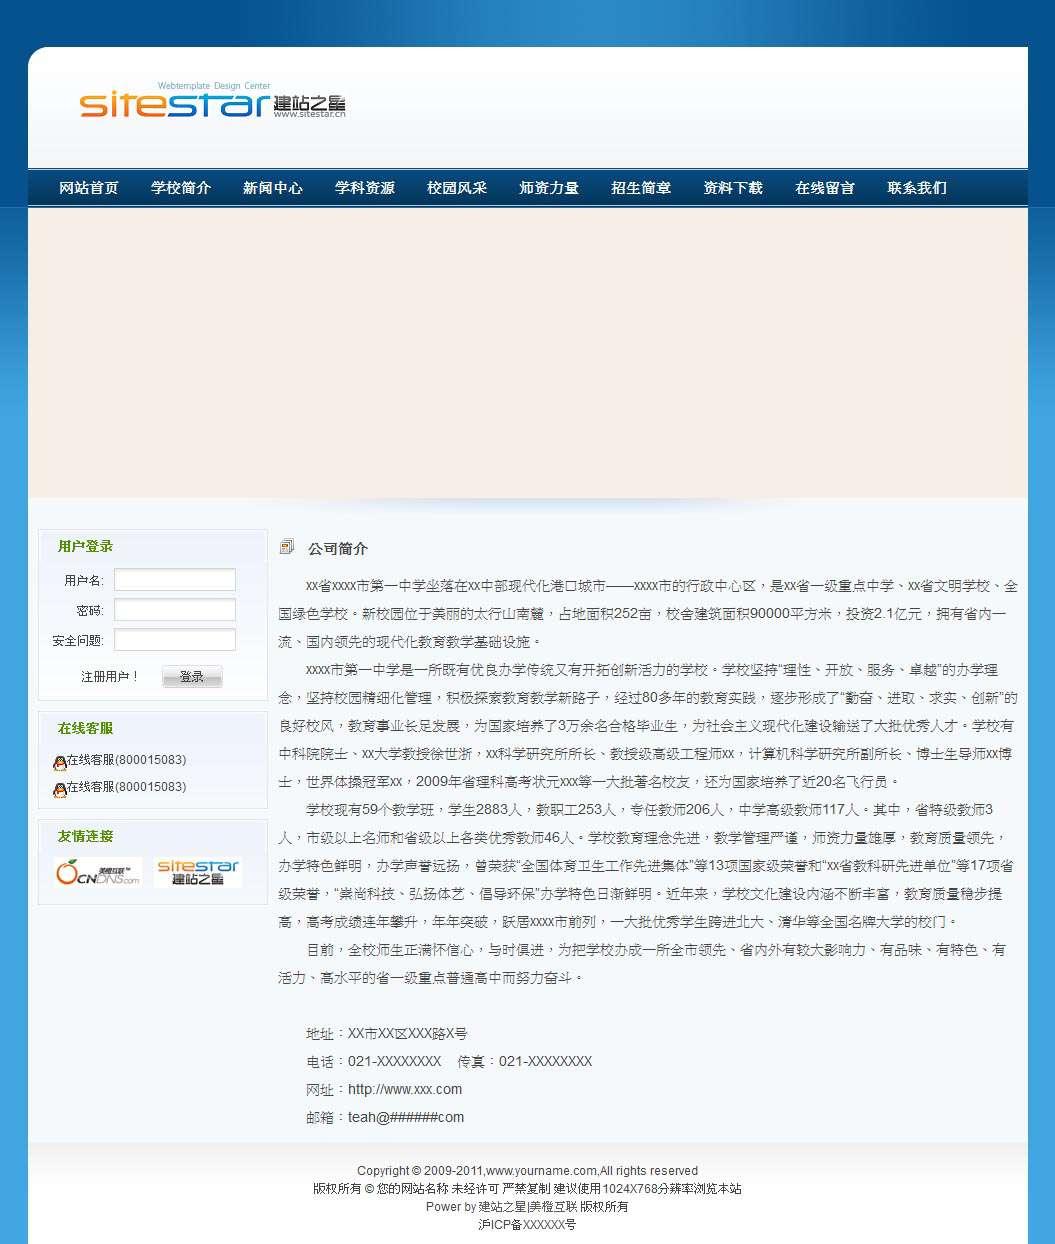 企业网站-学校A10模板关于我们页面